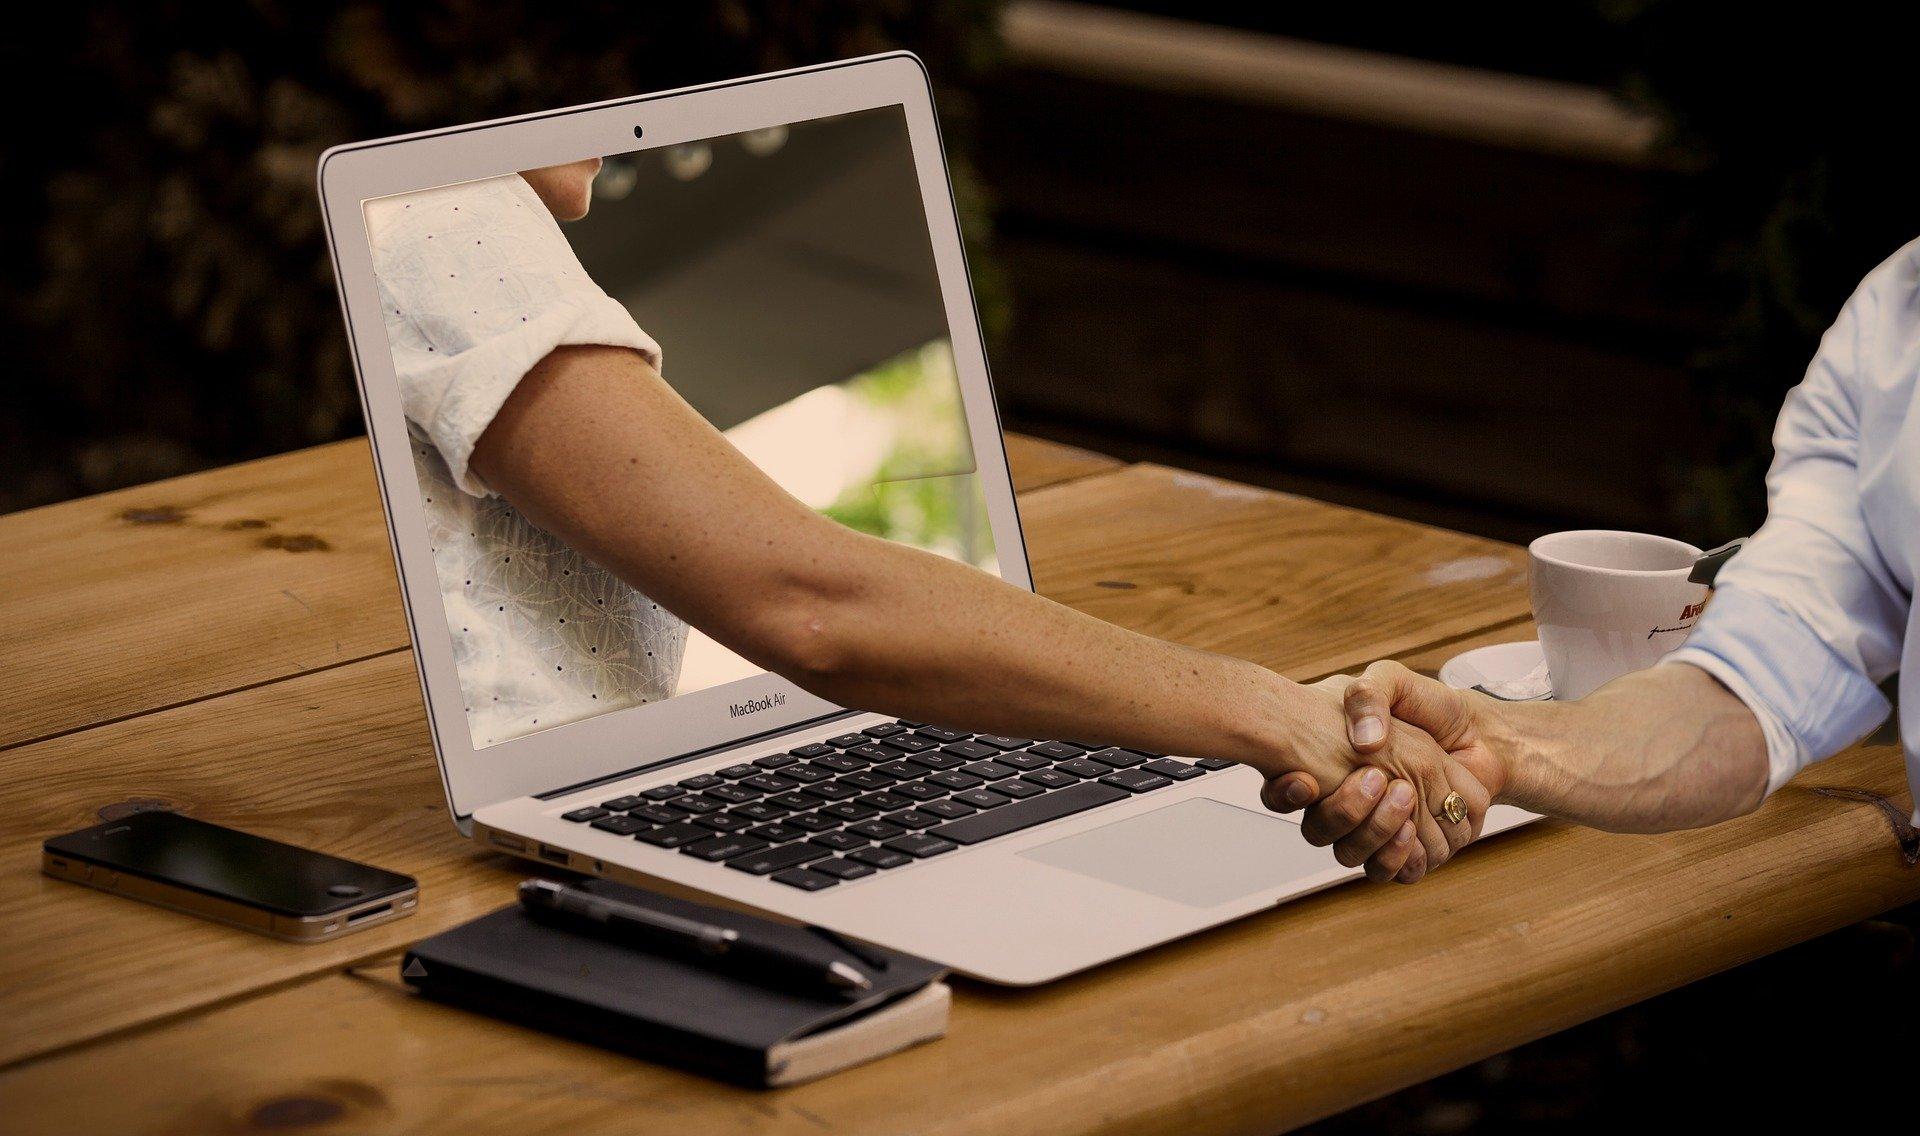 Webライティングのレベルを上げたいなら、人間心理を知ろう